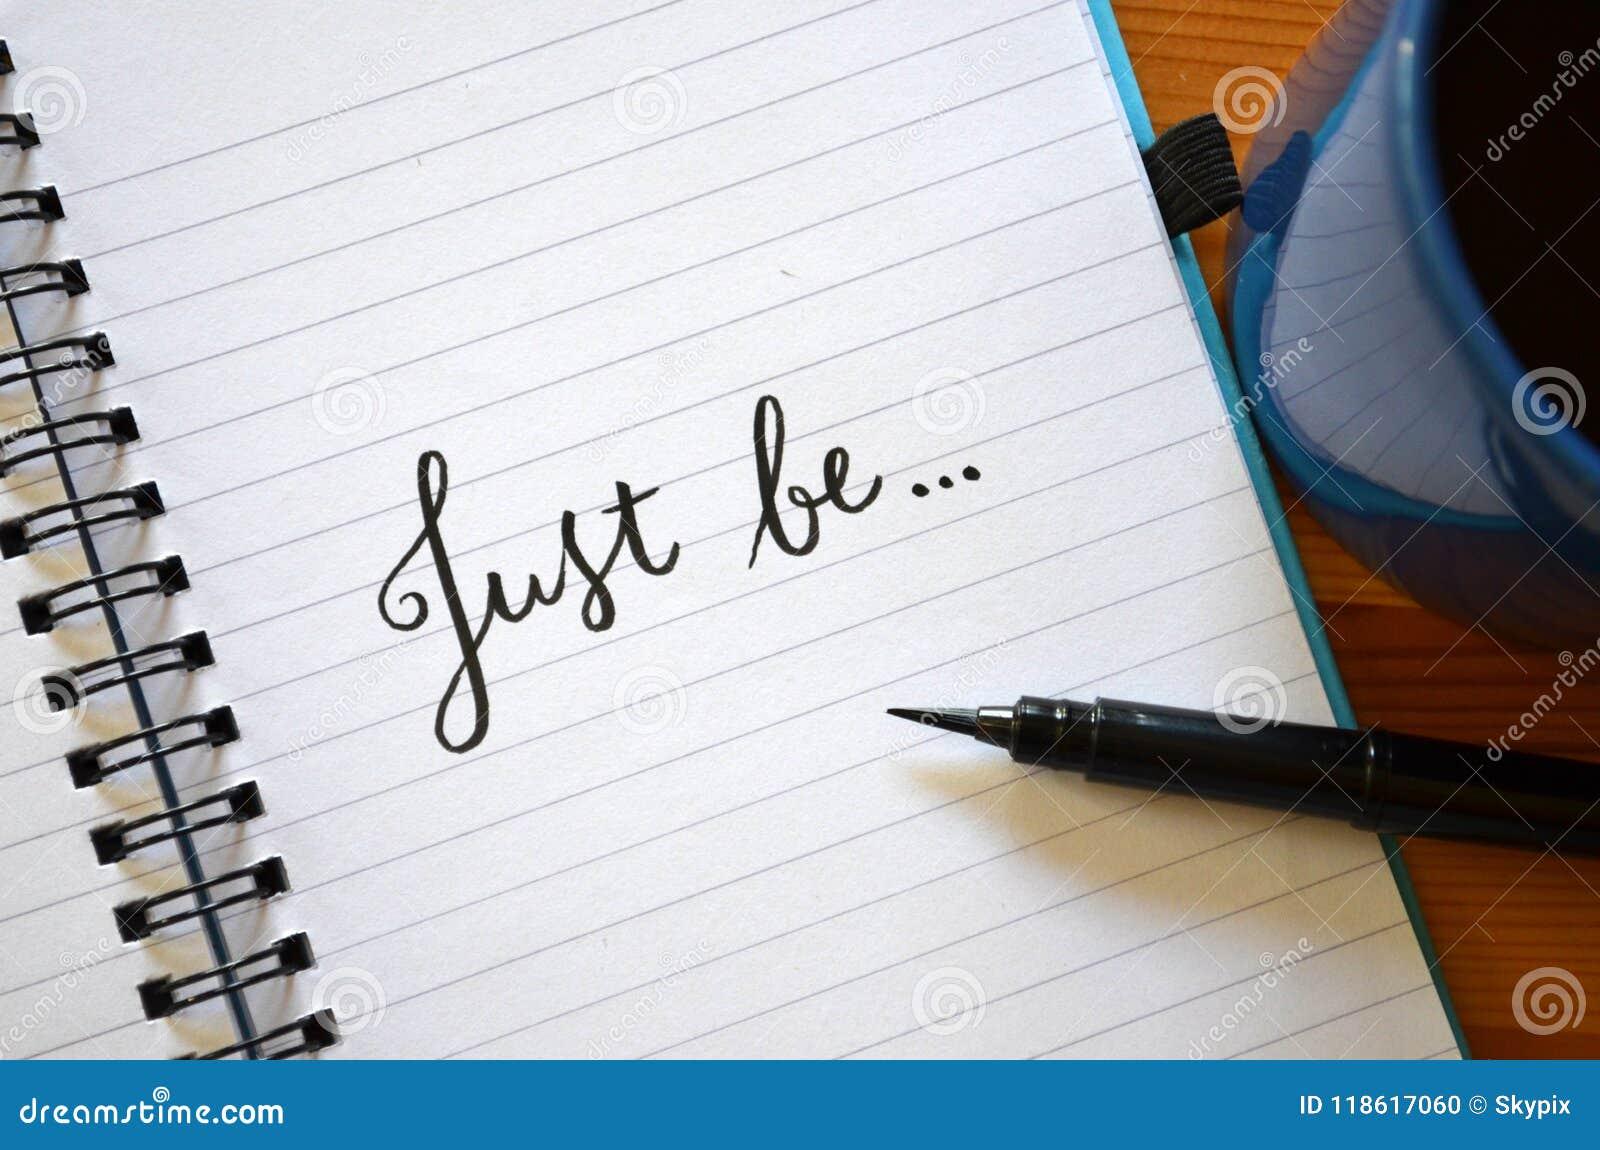 SEIEN Sie EINFACH im Notizbuch hand-mit Buchstaben gekennzeichnet